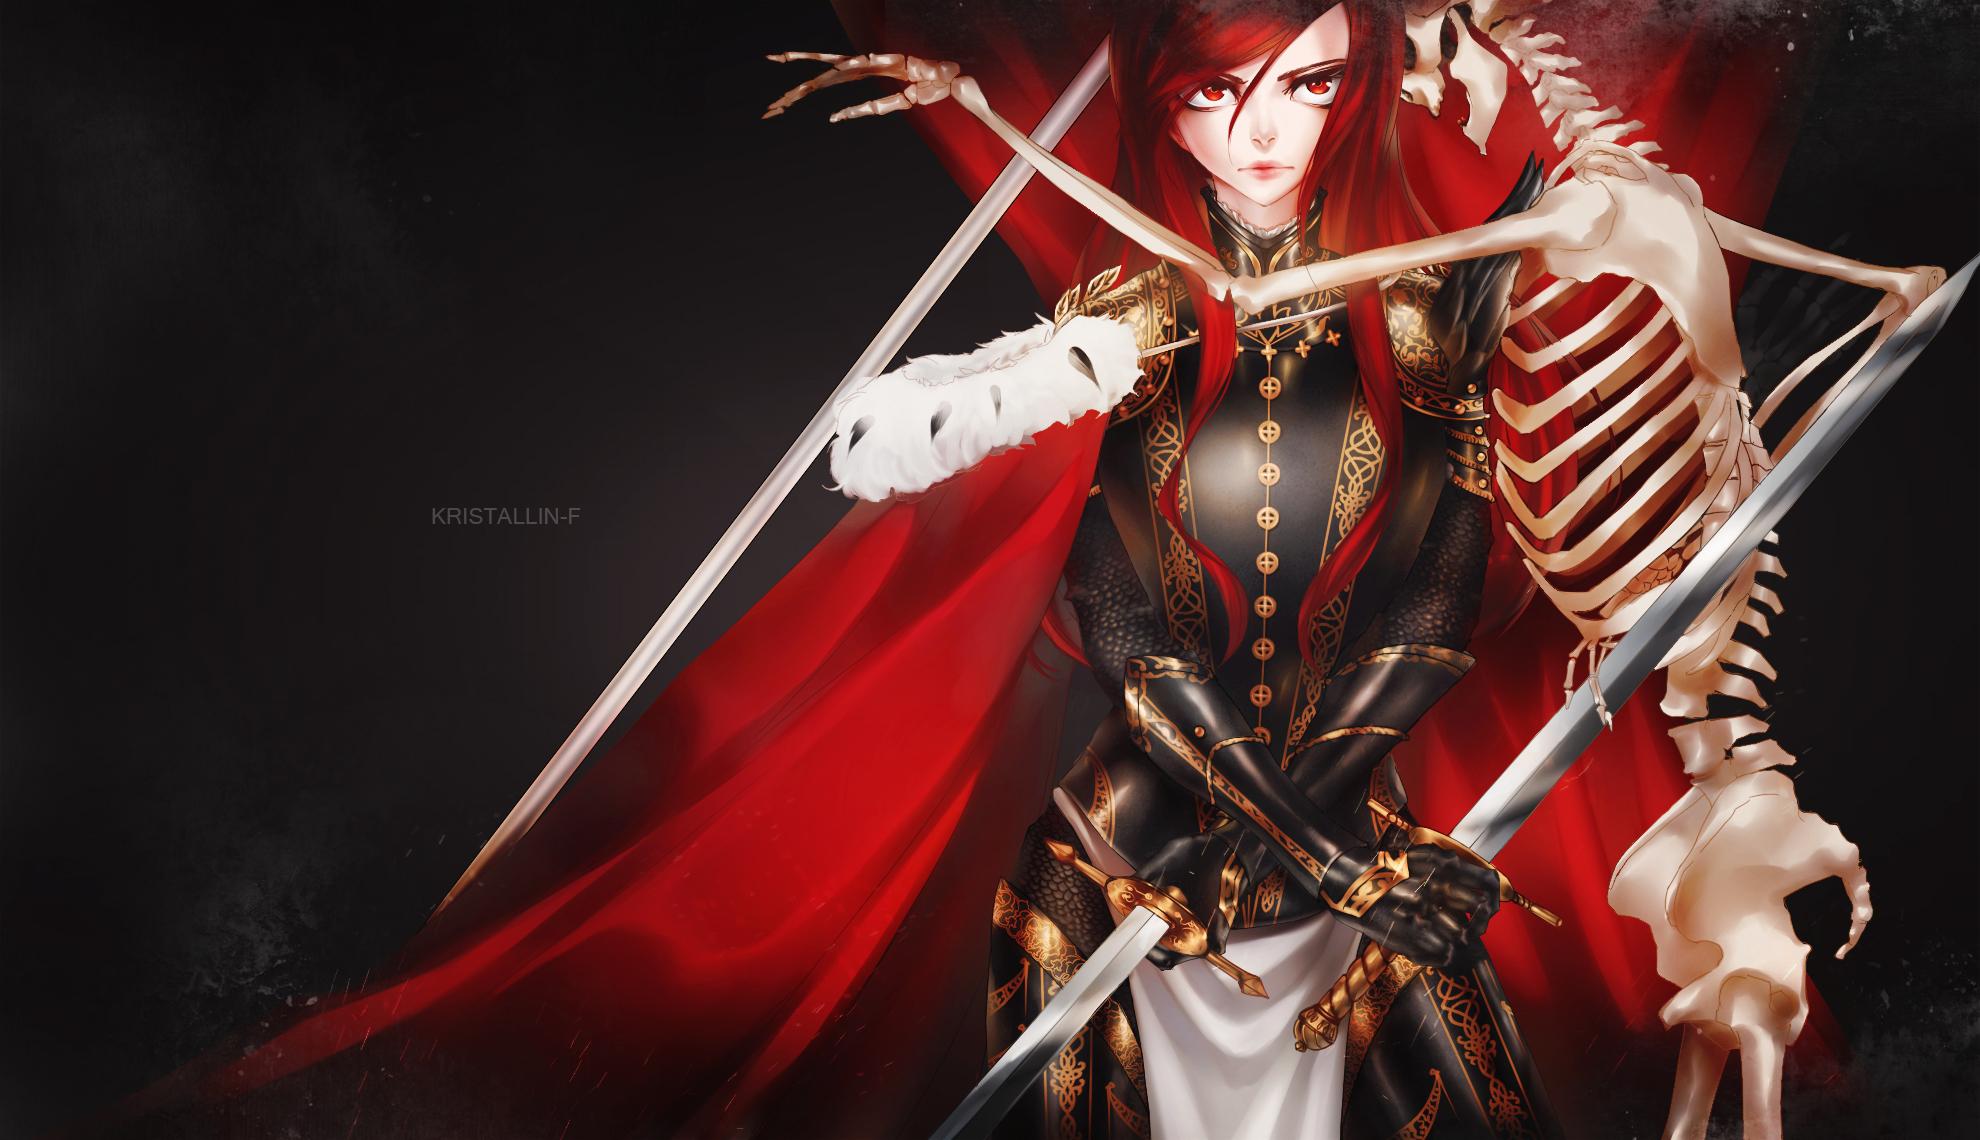 Erza Scarlet Fairy Tail Wallpaper 1800248 Zerochan